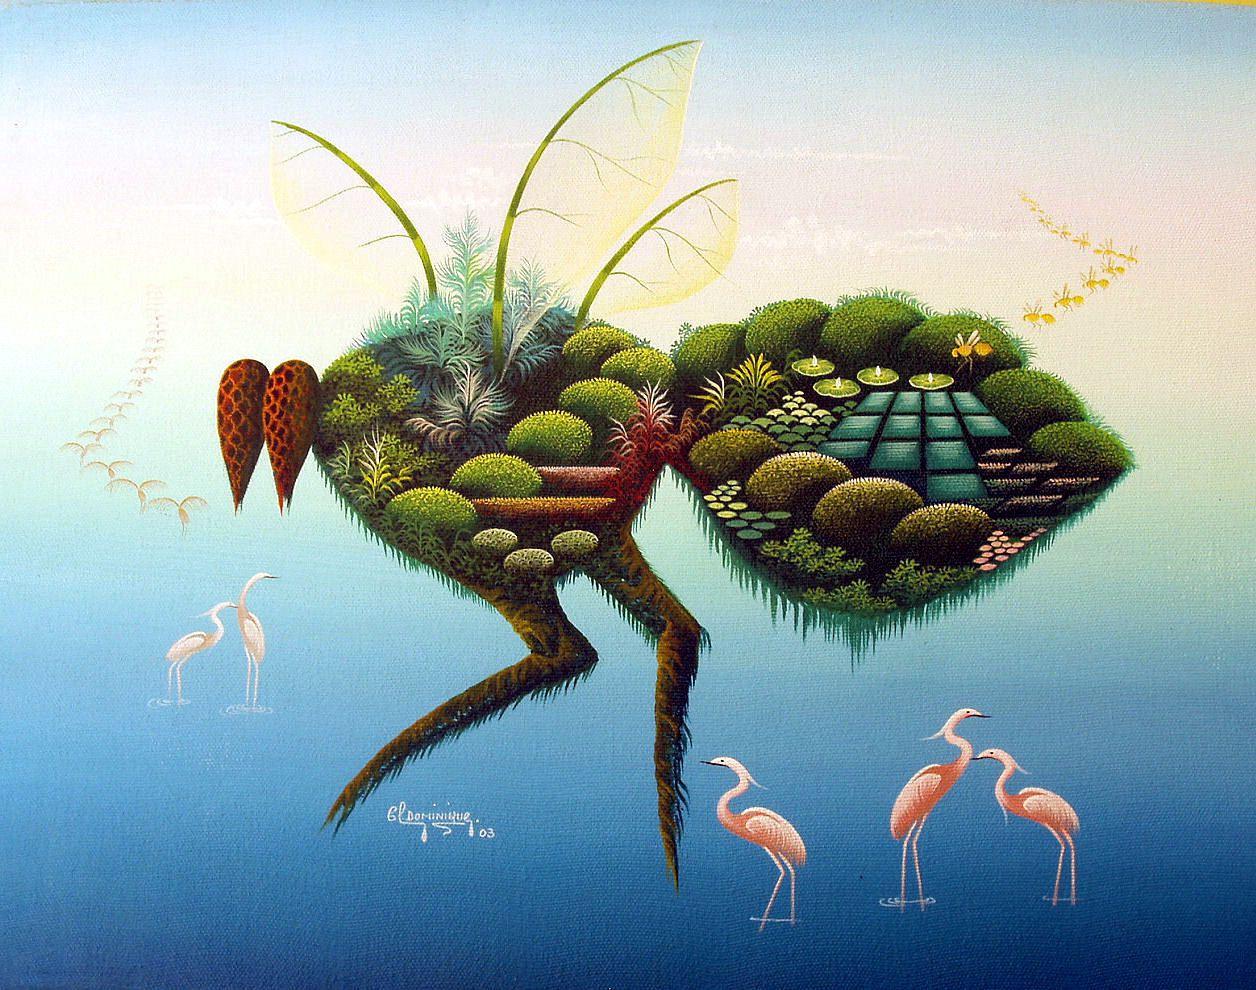 """Ma """"mouche"""" préférée ! Tableau de Clotaire Dominique, peintre Haïtien né le 26 décembre 1971 à Deschapelles, département de l'Artibonite"""